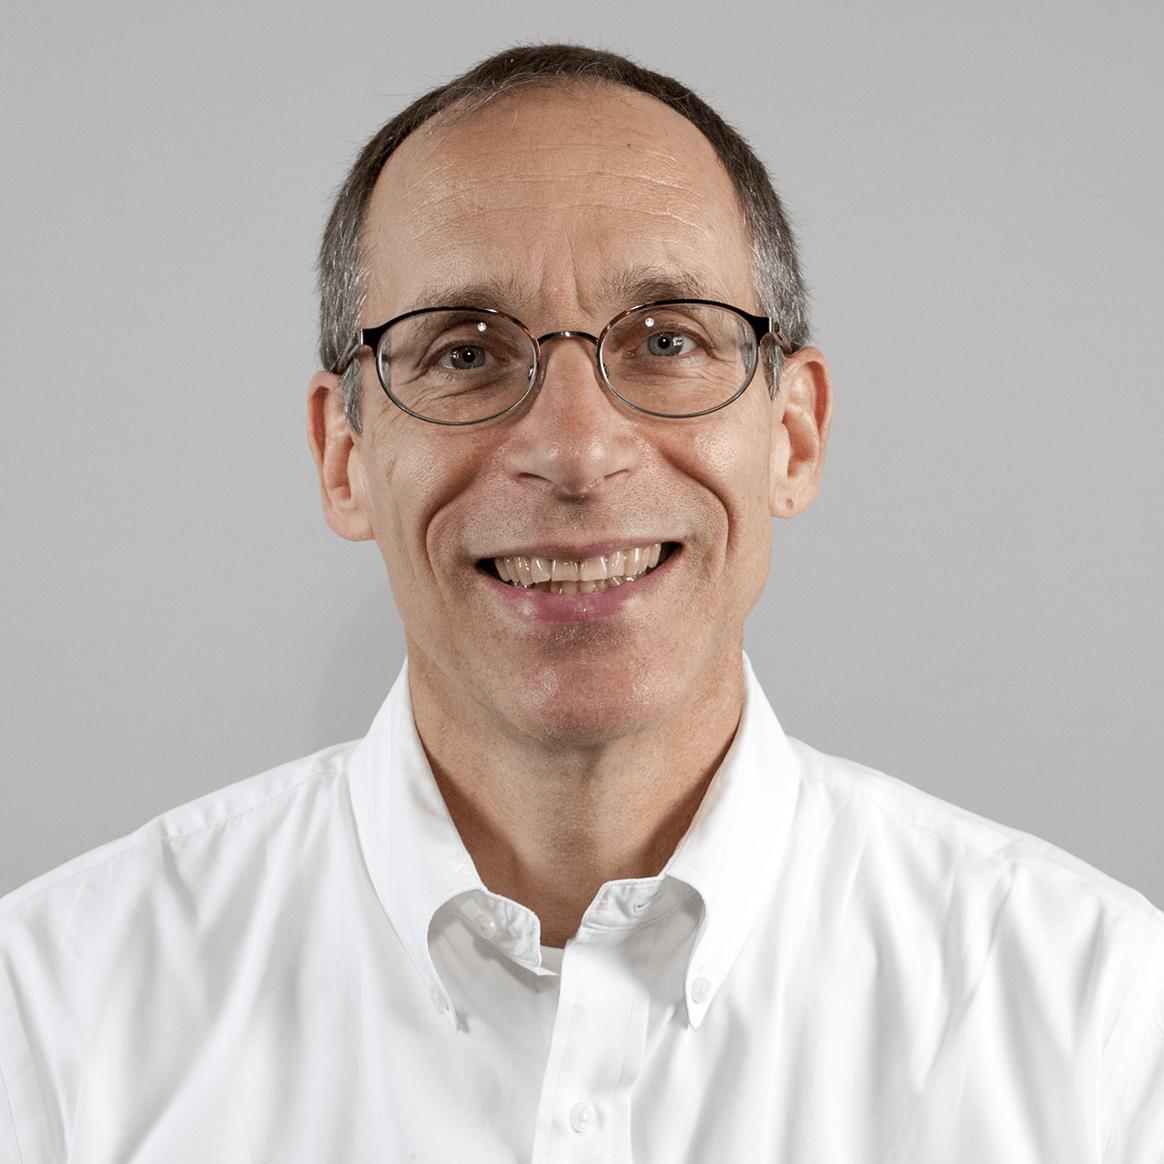 Portrait of Tenured Stuckeman Professor of Advanced Design Studies Daniel Willis